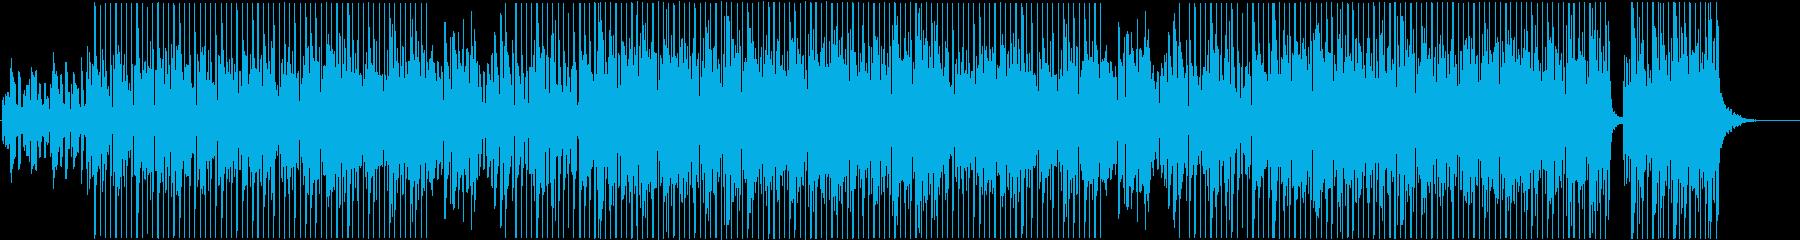 滑らかな躍動感のある大人ポップスの再生済みの波形